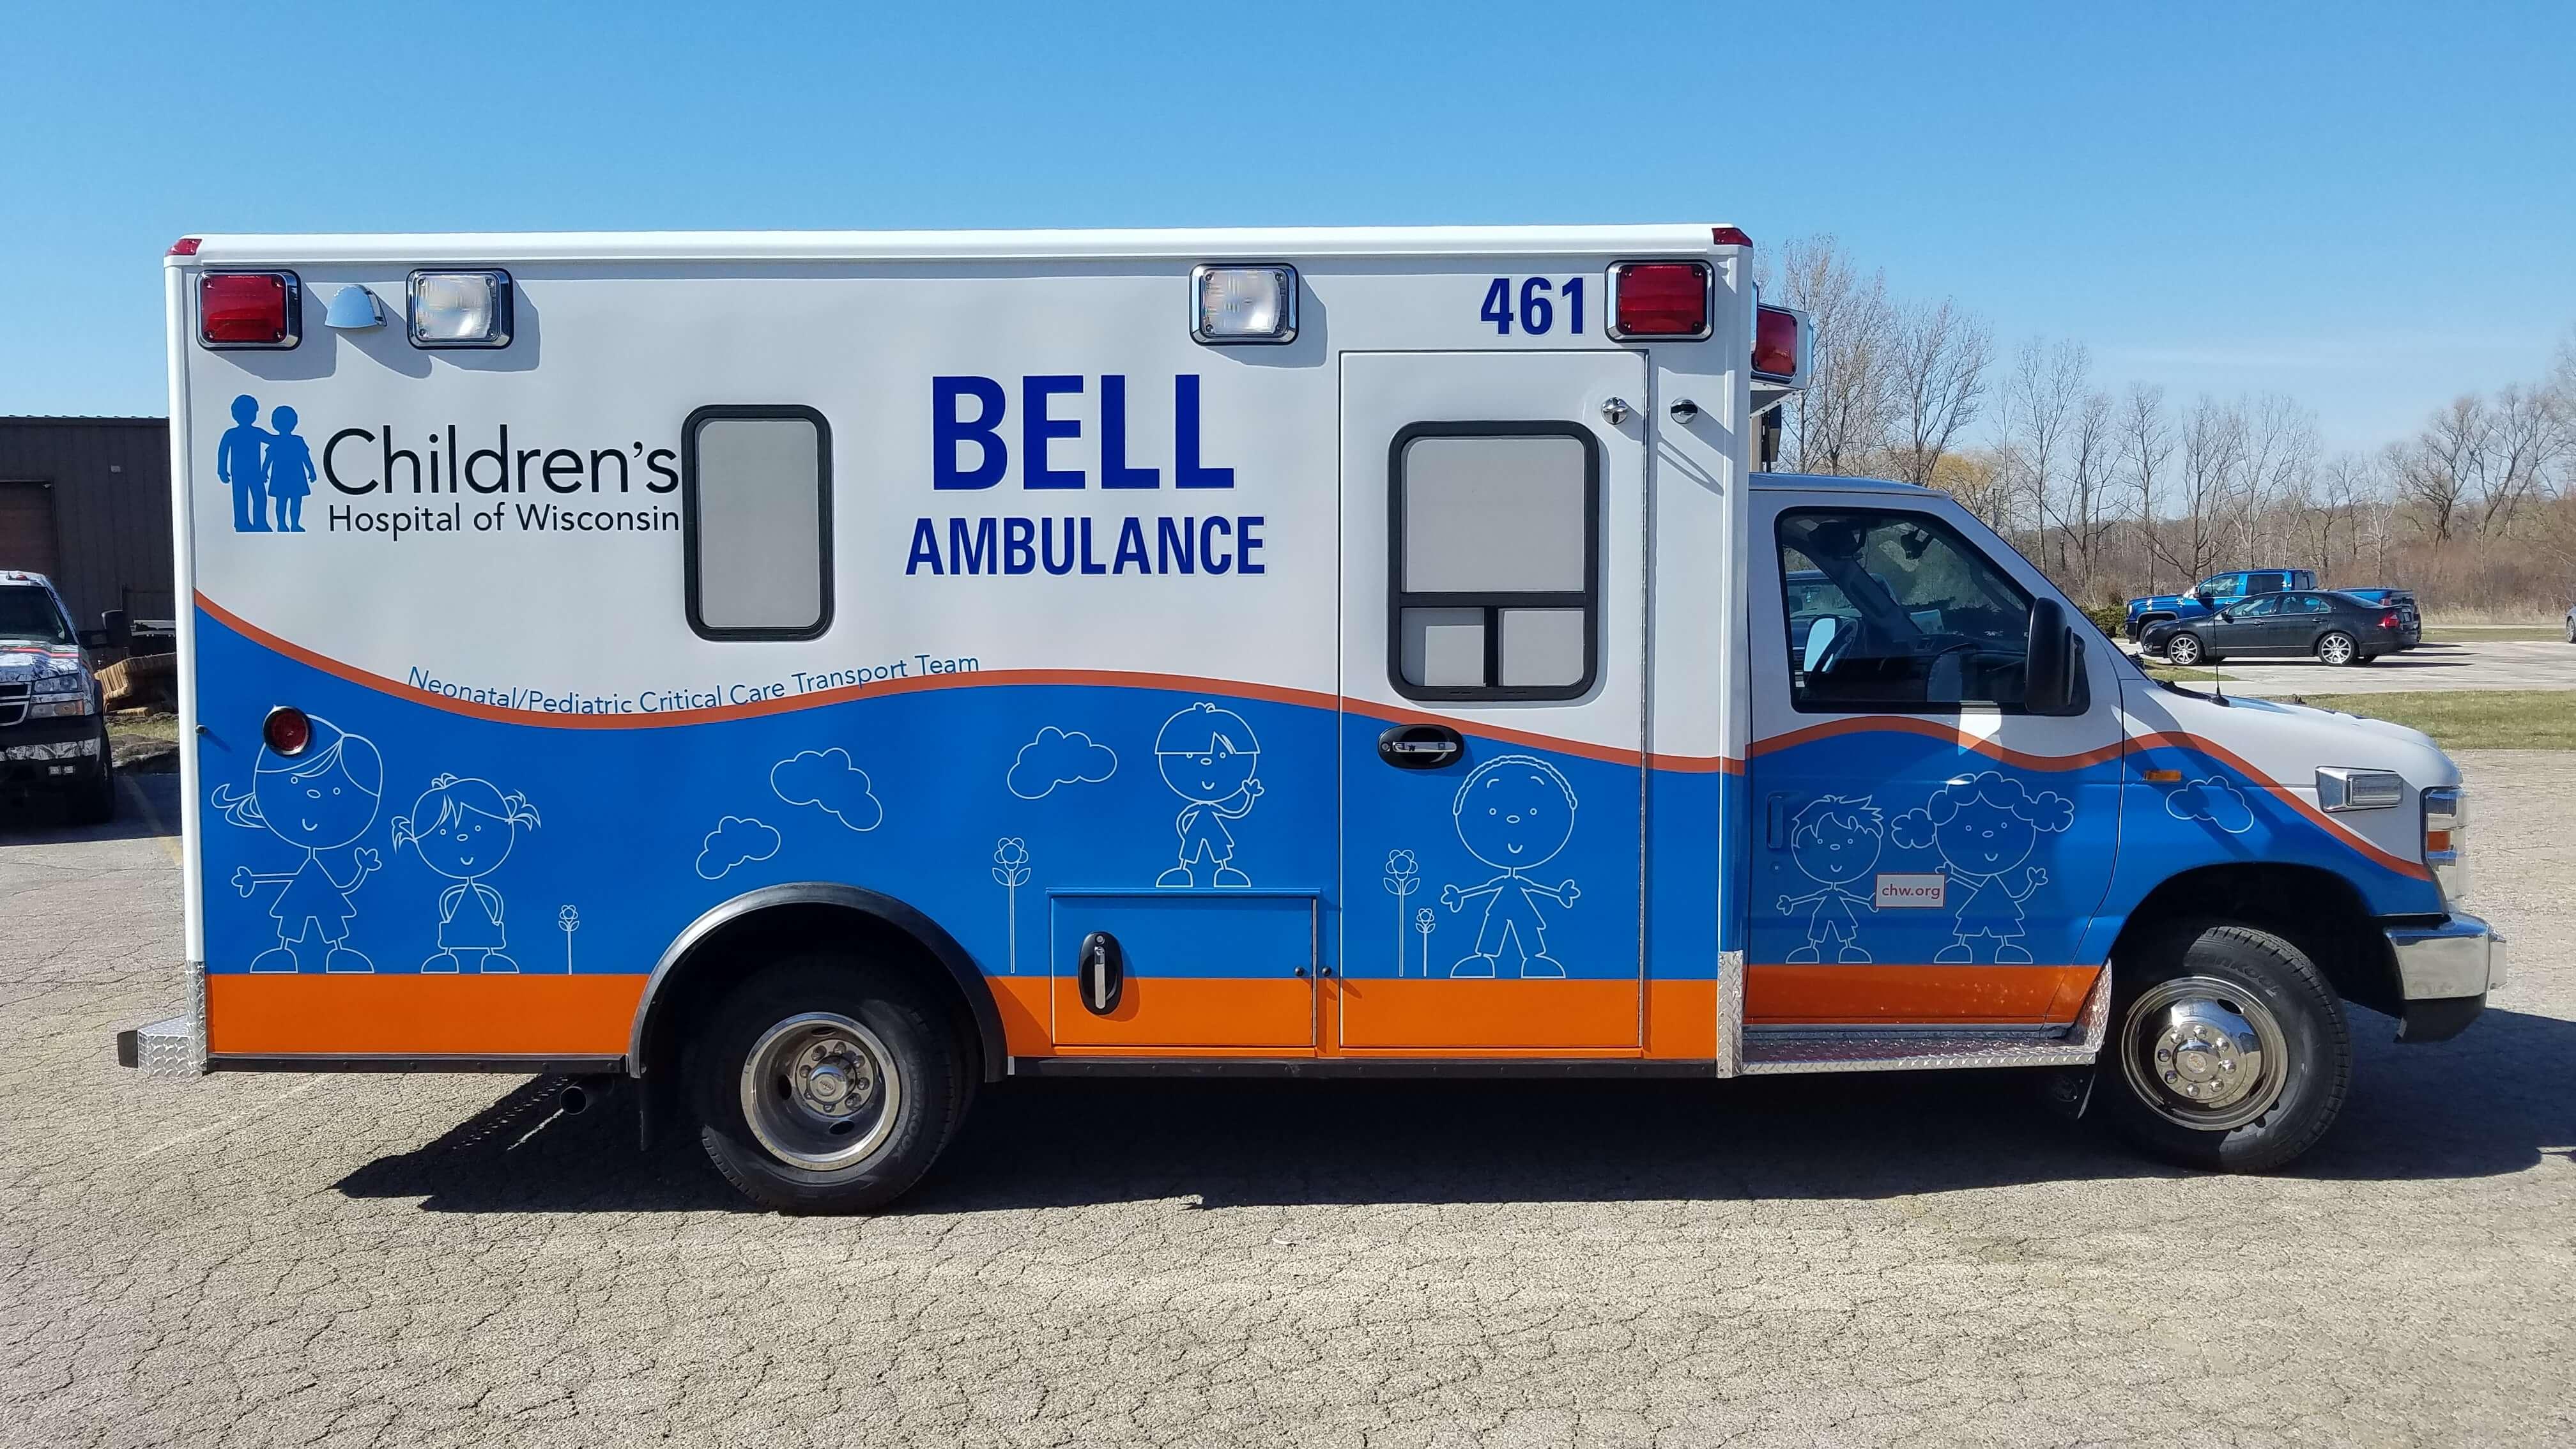 Children's Hospital of Wisconsin fleet Graphics